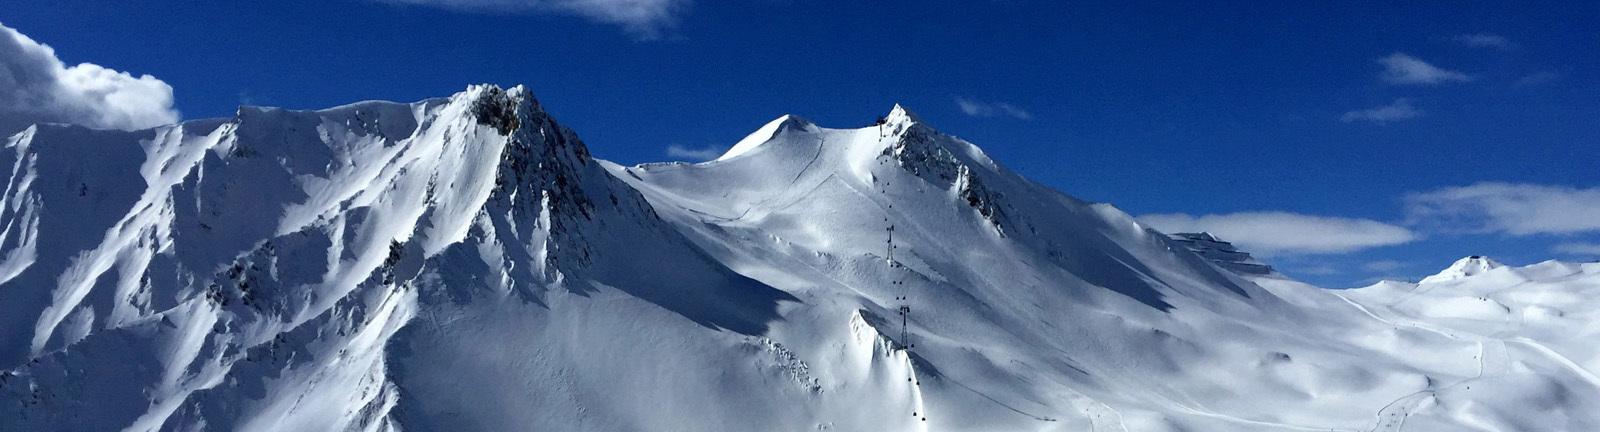 Berge mit Schnee und blauem Himmel